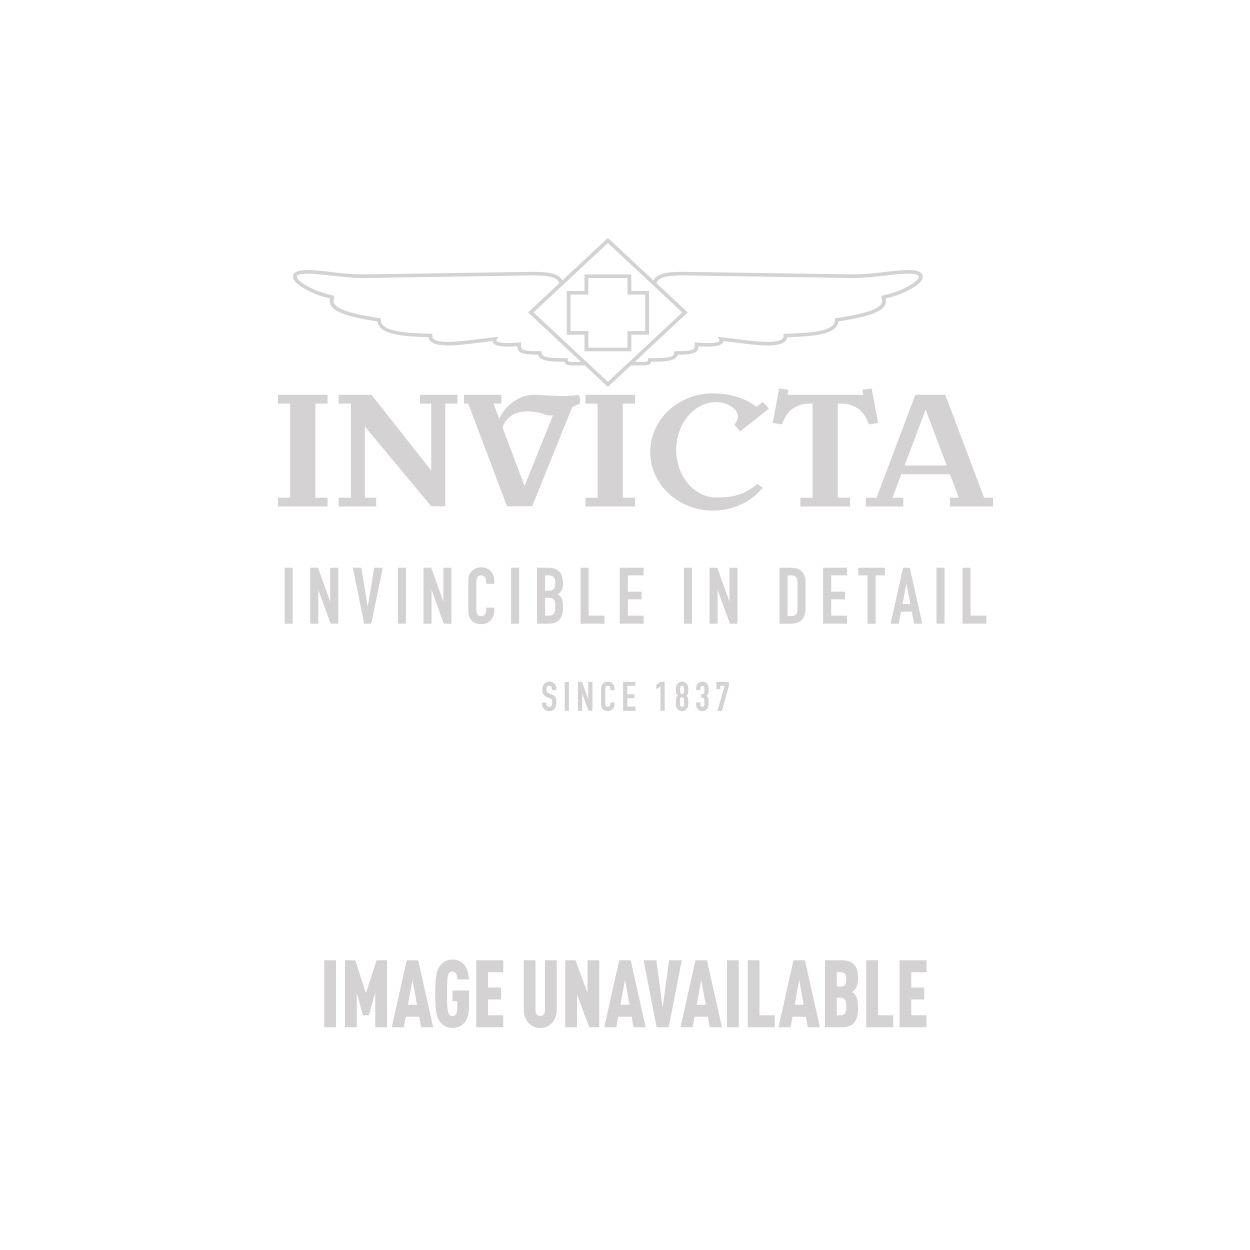 Invicta Model 28164